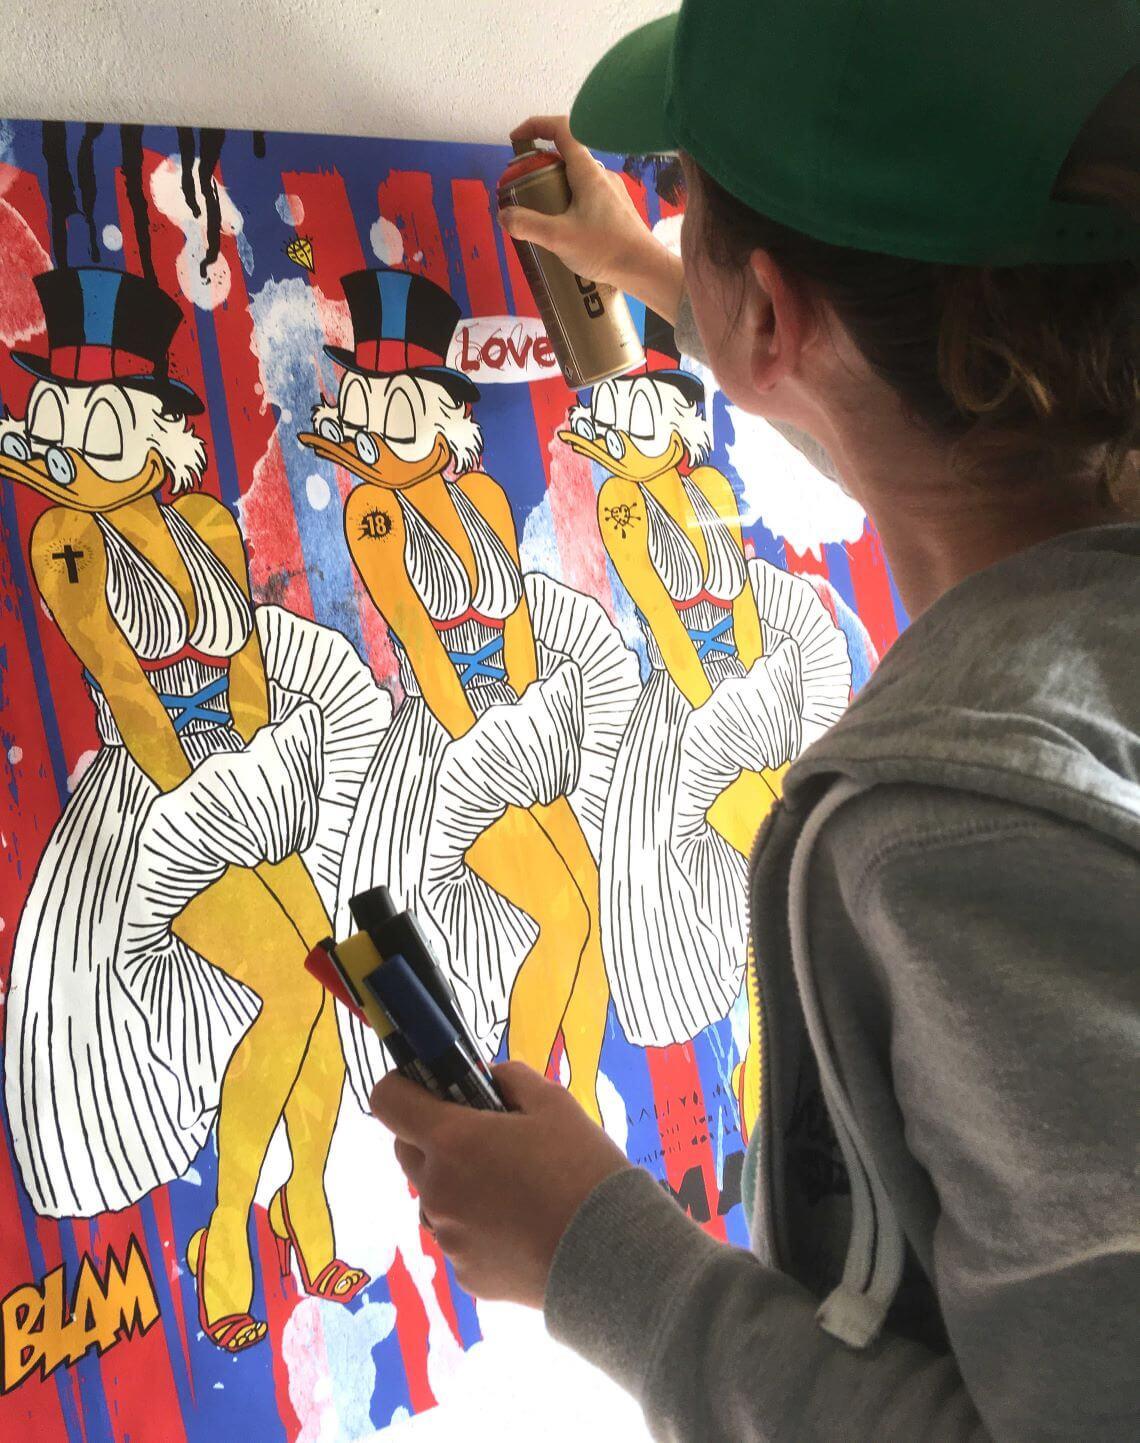 Le street art de Misako au service de la cause des femmes